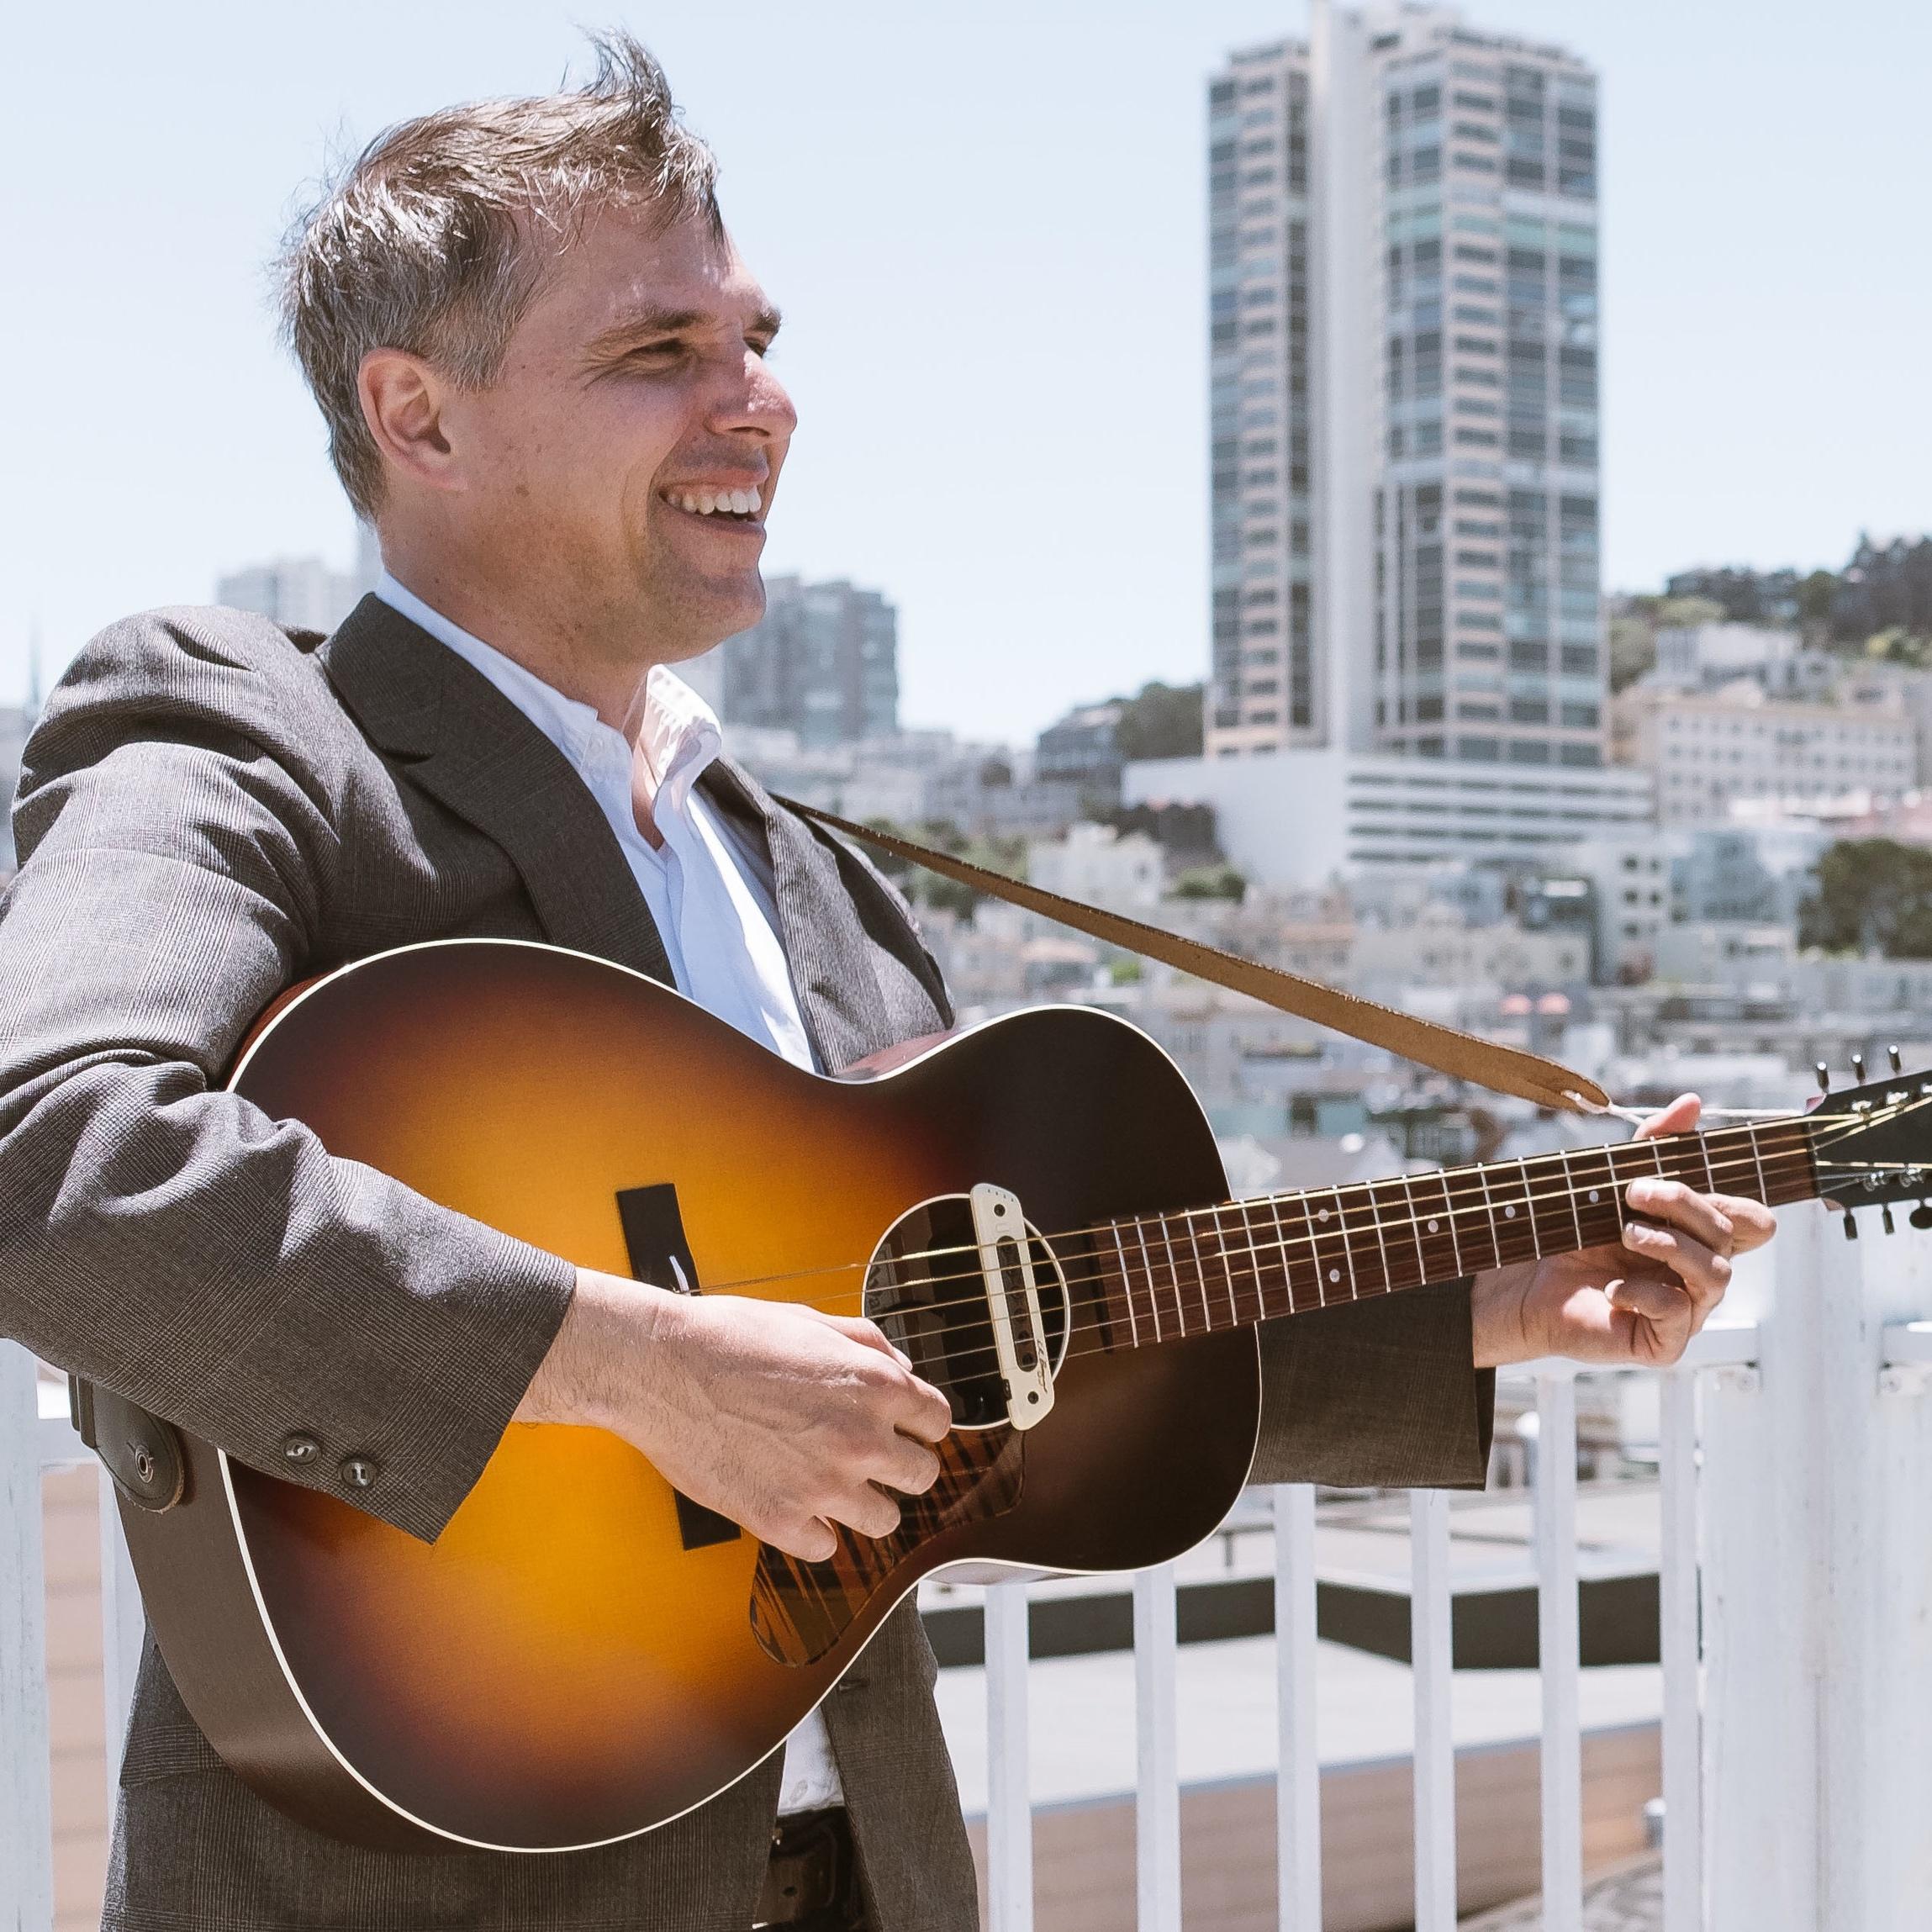 Dave+Ricketts+-+Guitarist%2C+Gaucho+Jazz